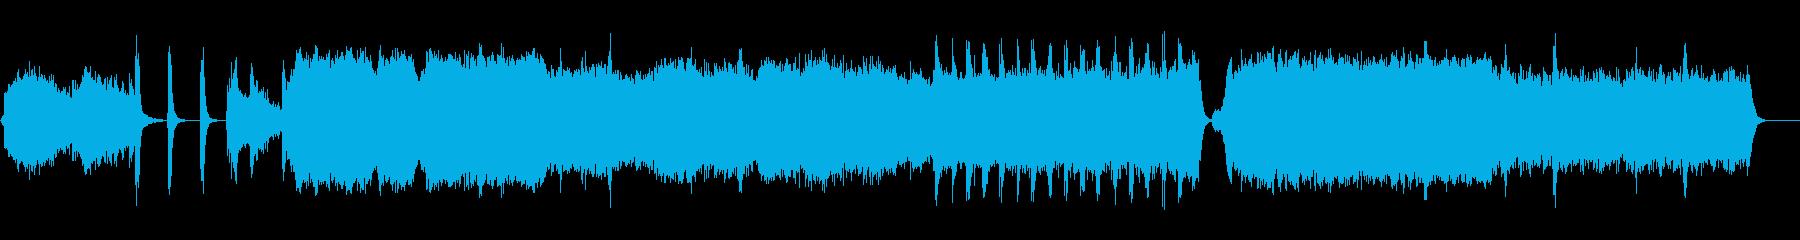 大河ドラマ風壮大な和風エピック太鼓なしの再生済みの波形